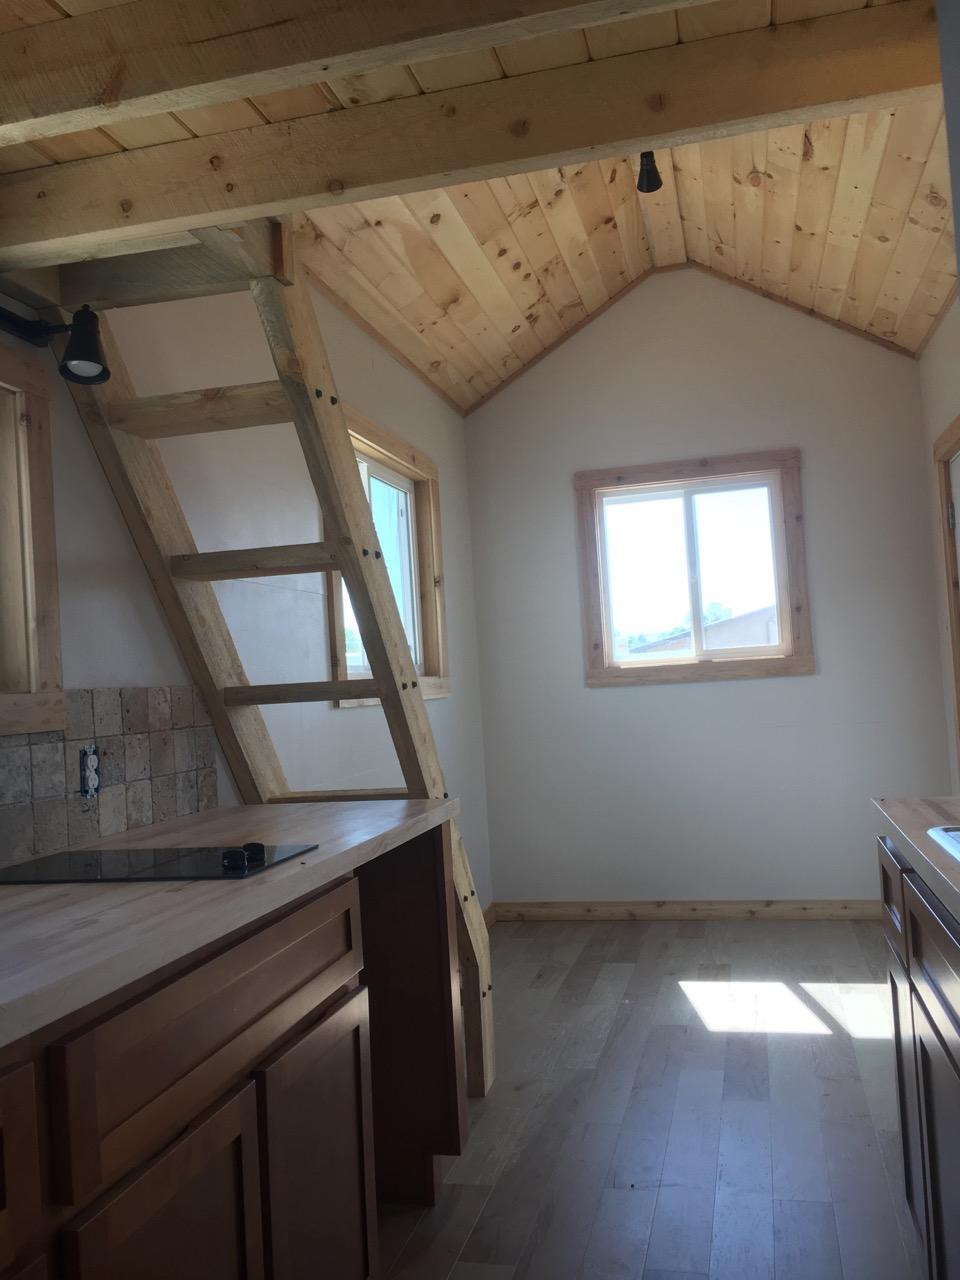 Wheelhouse-tiny-homes-26.jpg